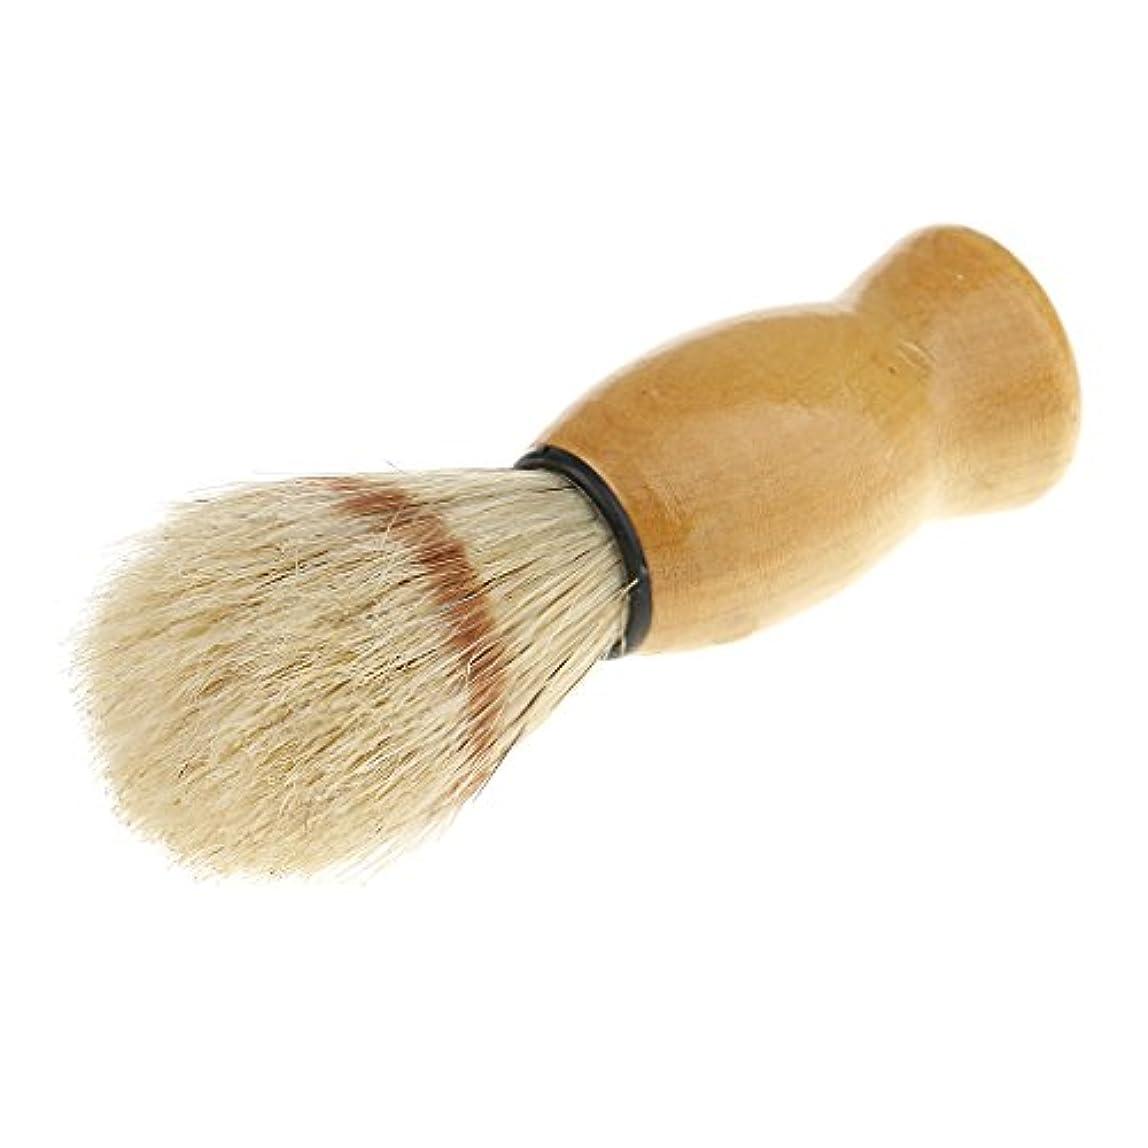 放送りんご子供時代Kesoto シェービングブラシ メンズ用 髭剃り 便利 柔らかい 理容 便携 全2色 - 黄